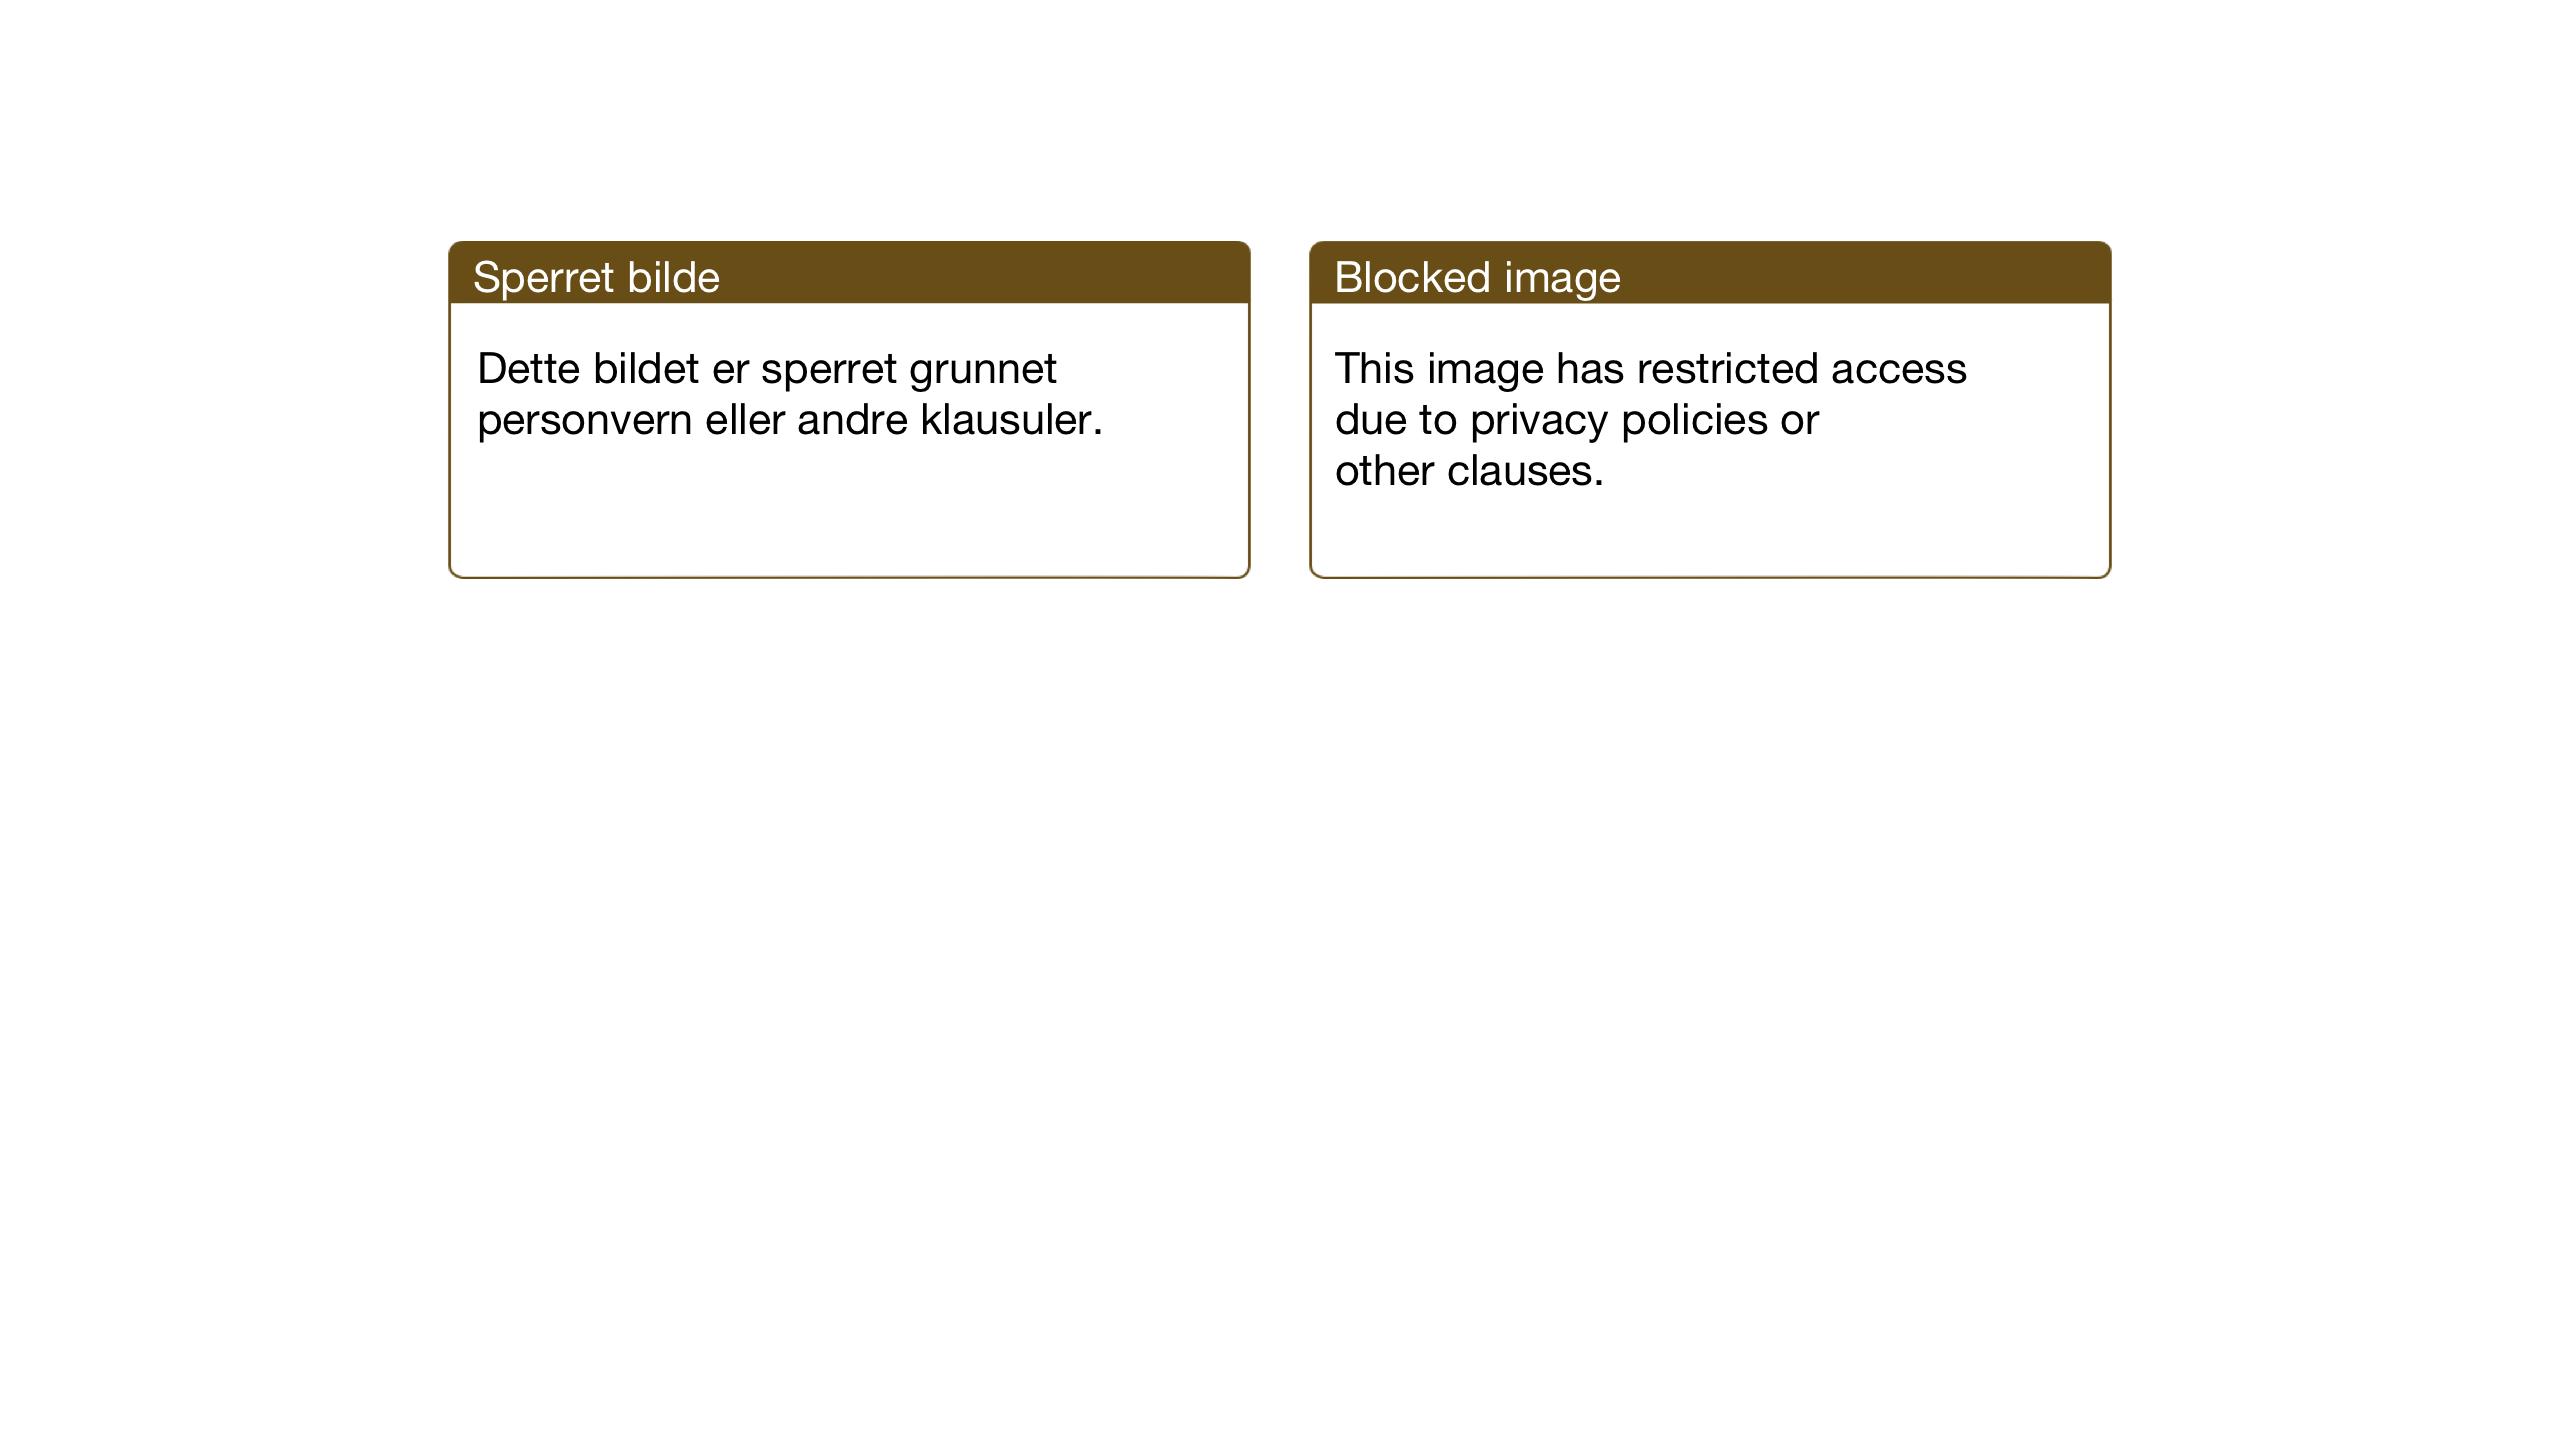 SAT, Ministerialprotokoller, klokkerbøker og fødselsregistre - Sør-Trøndelag, 606/L0315: Klokkerbok nr. 606C11, 1938-1947, s. 36